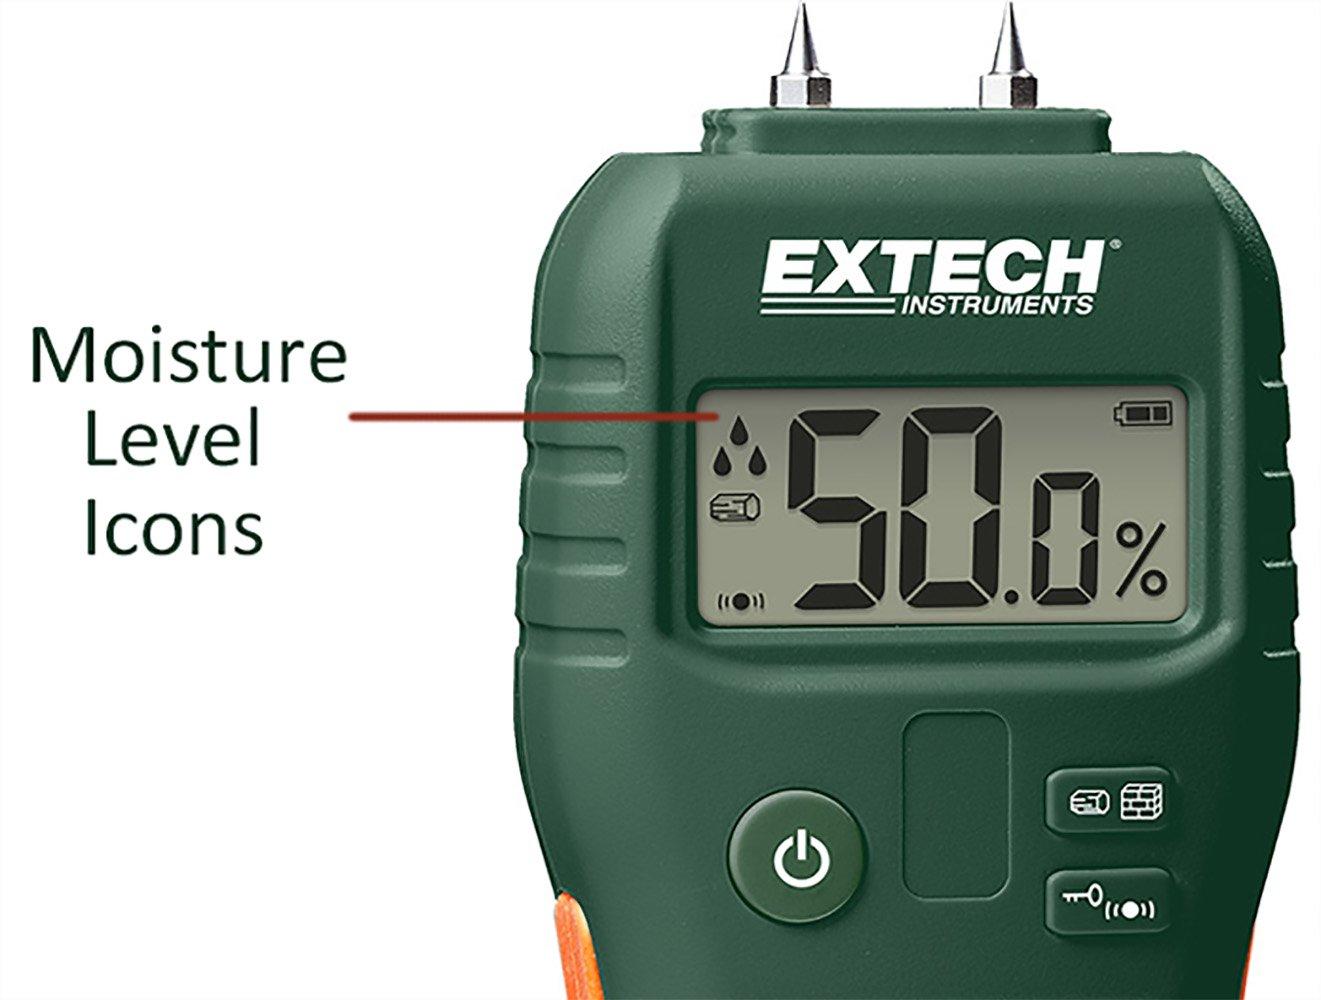 Extech MO53 Pinless Moisture Meter